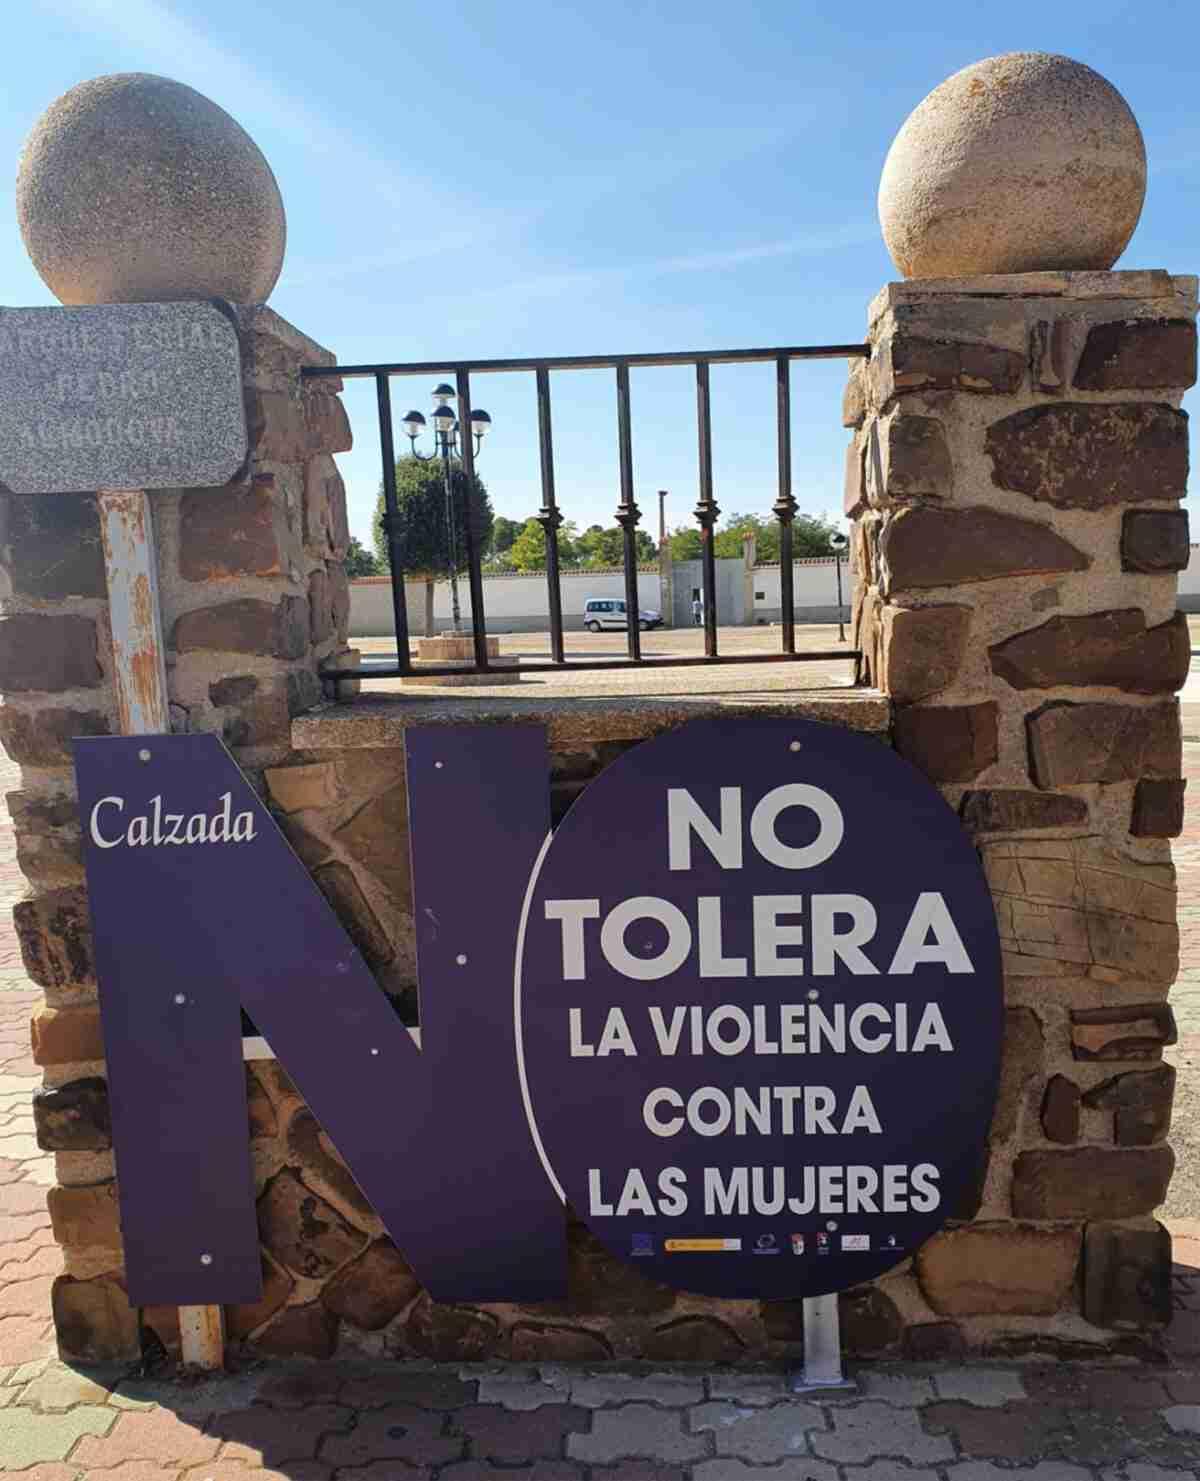 """Colocan """"señales de tráfico"""" contra violencia de género en Calzada de Calatrava 3"""